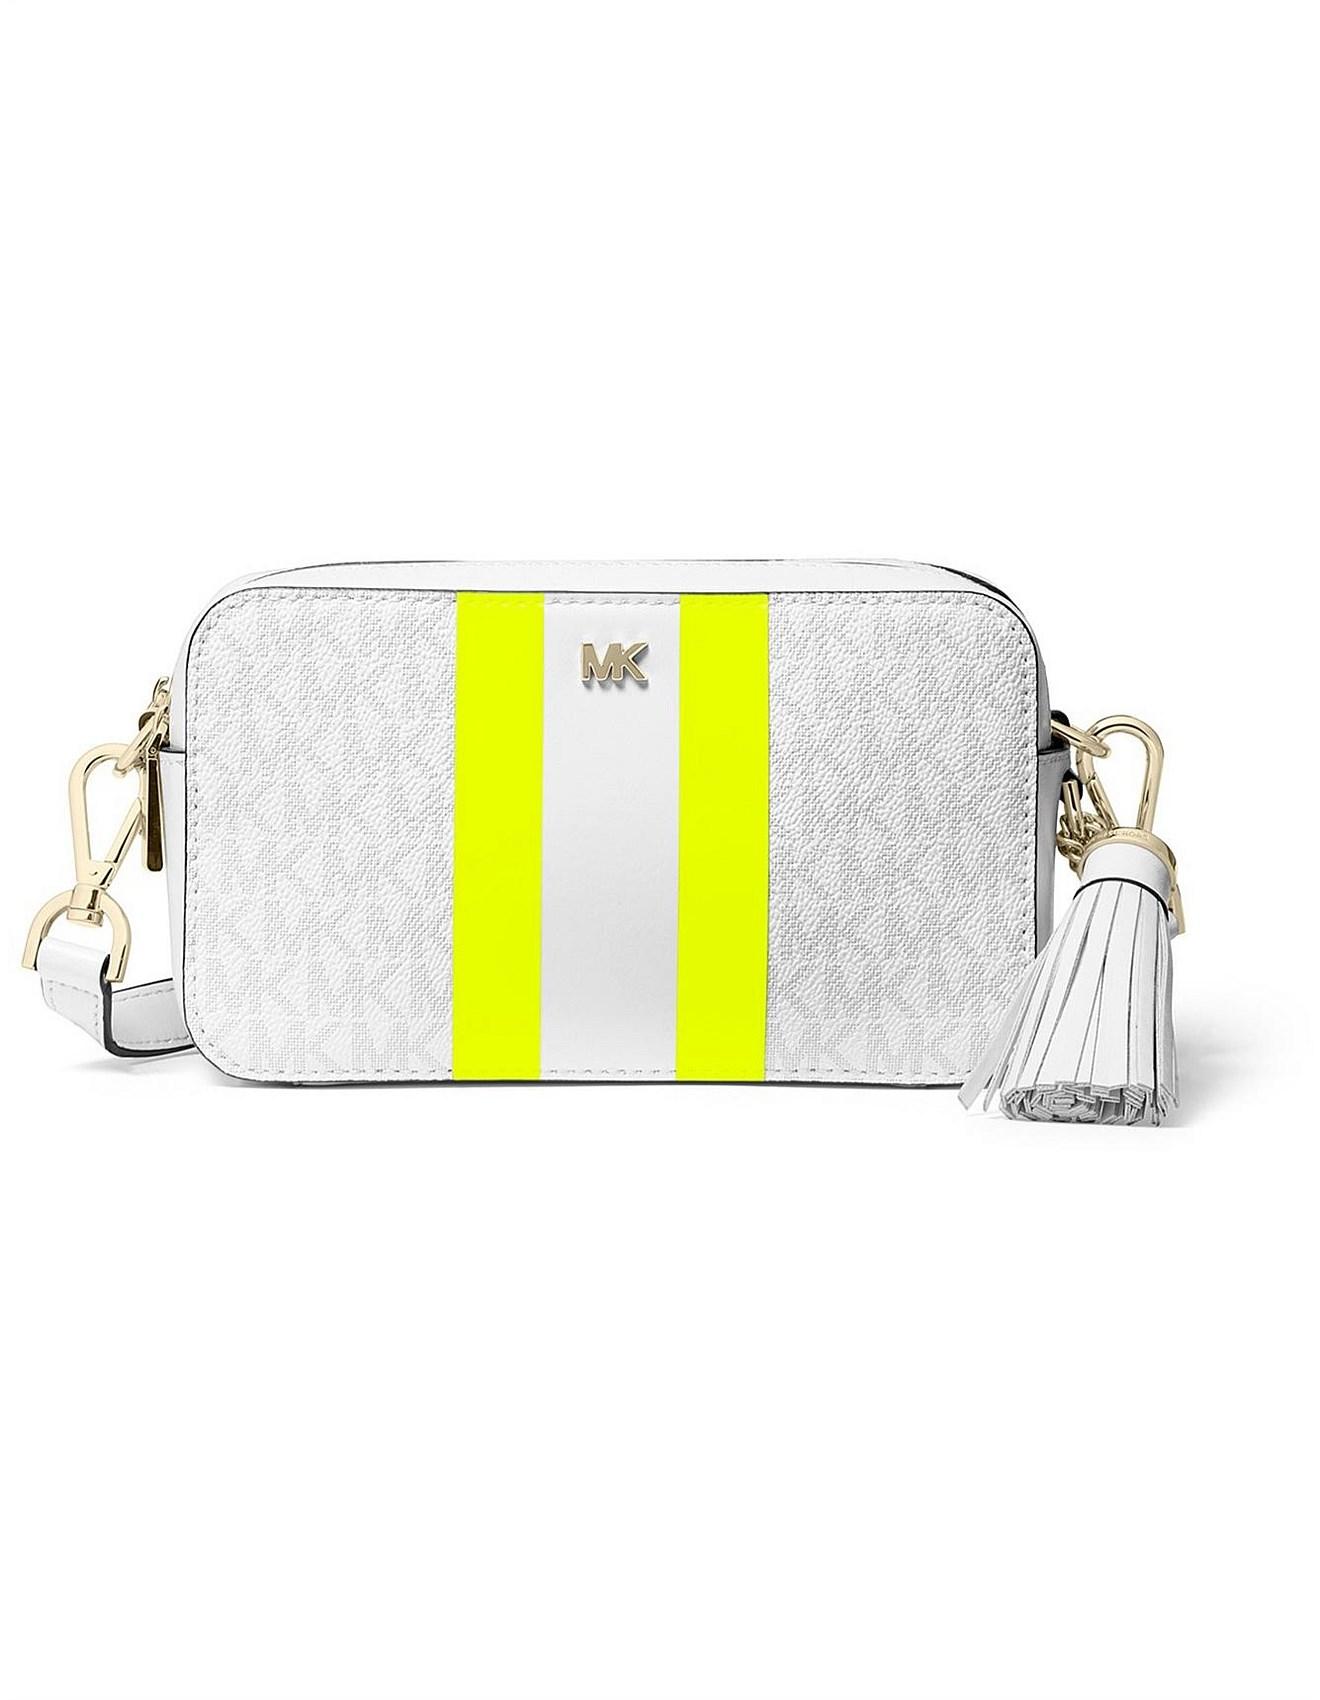 Michael Kors | Handbags, Watches & More Online | David Jones